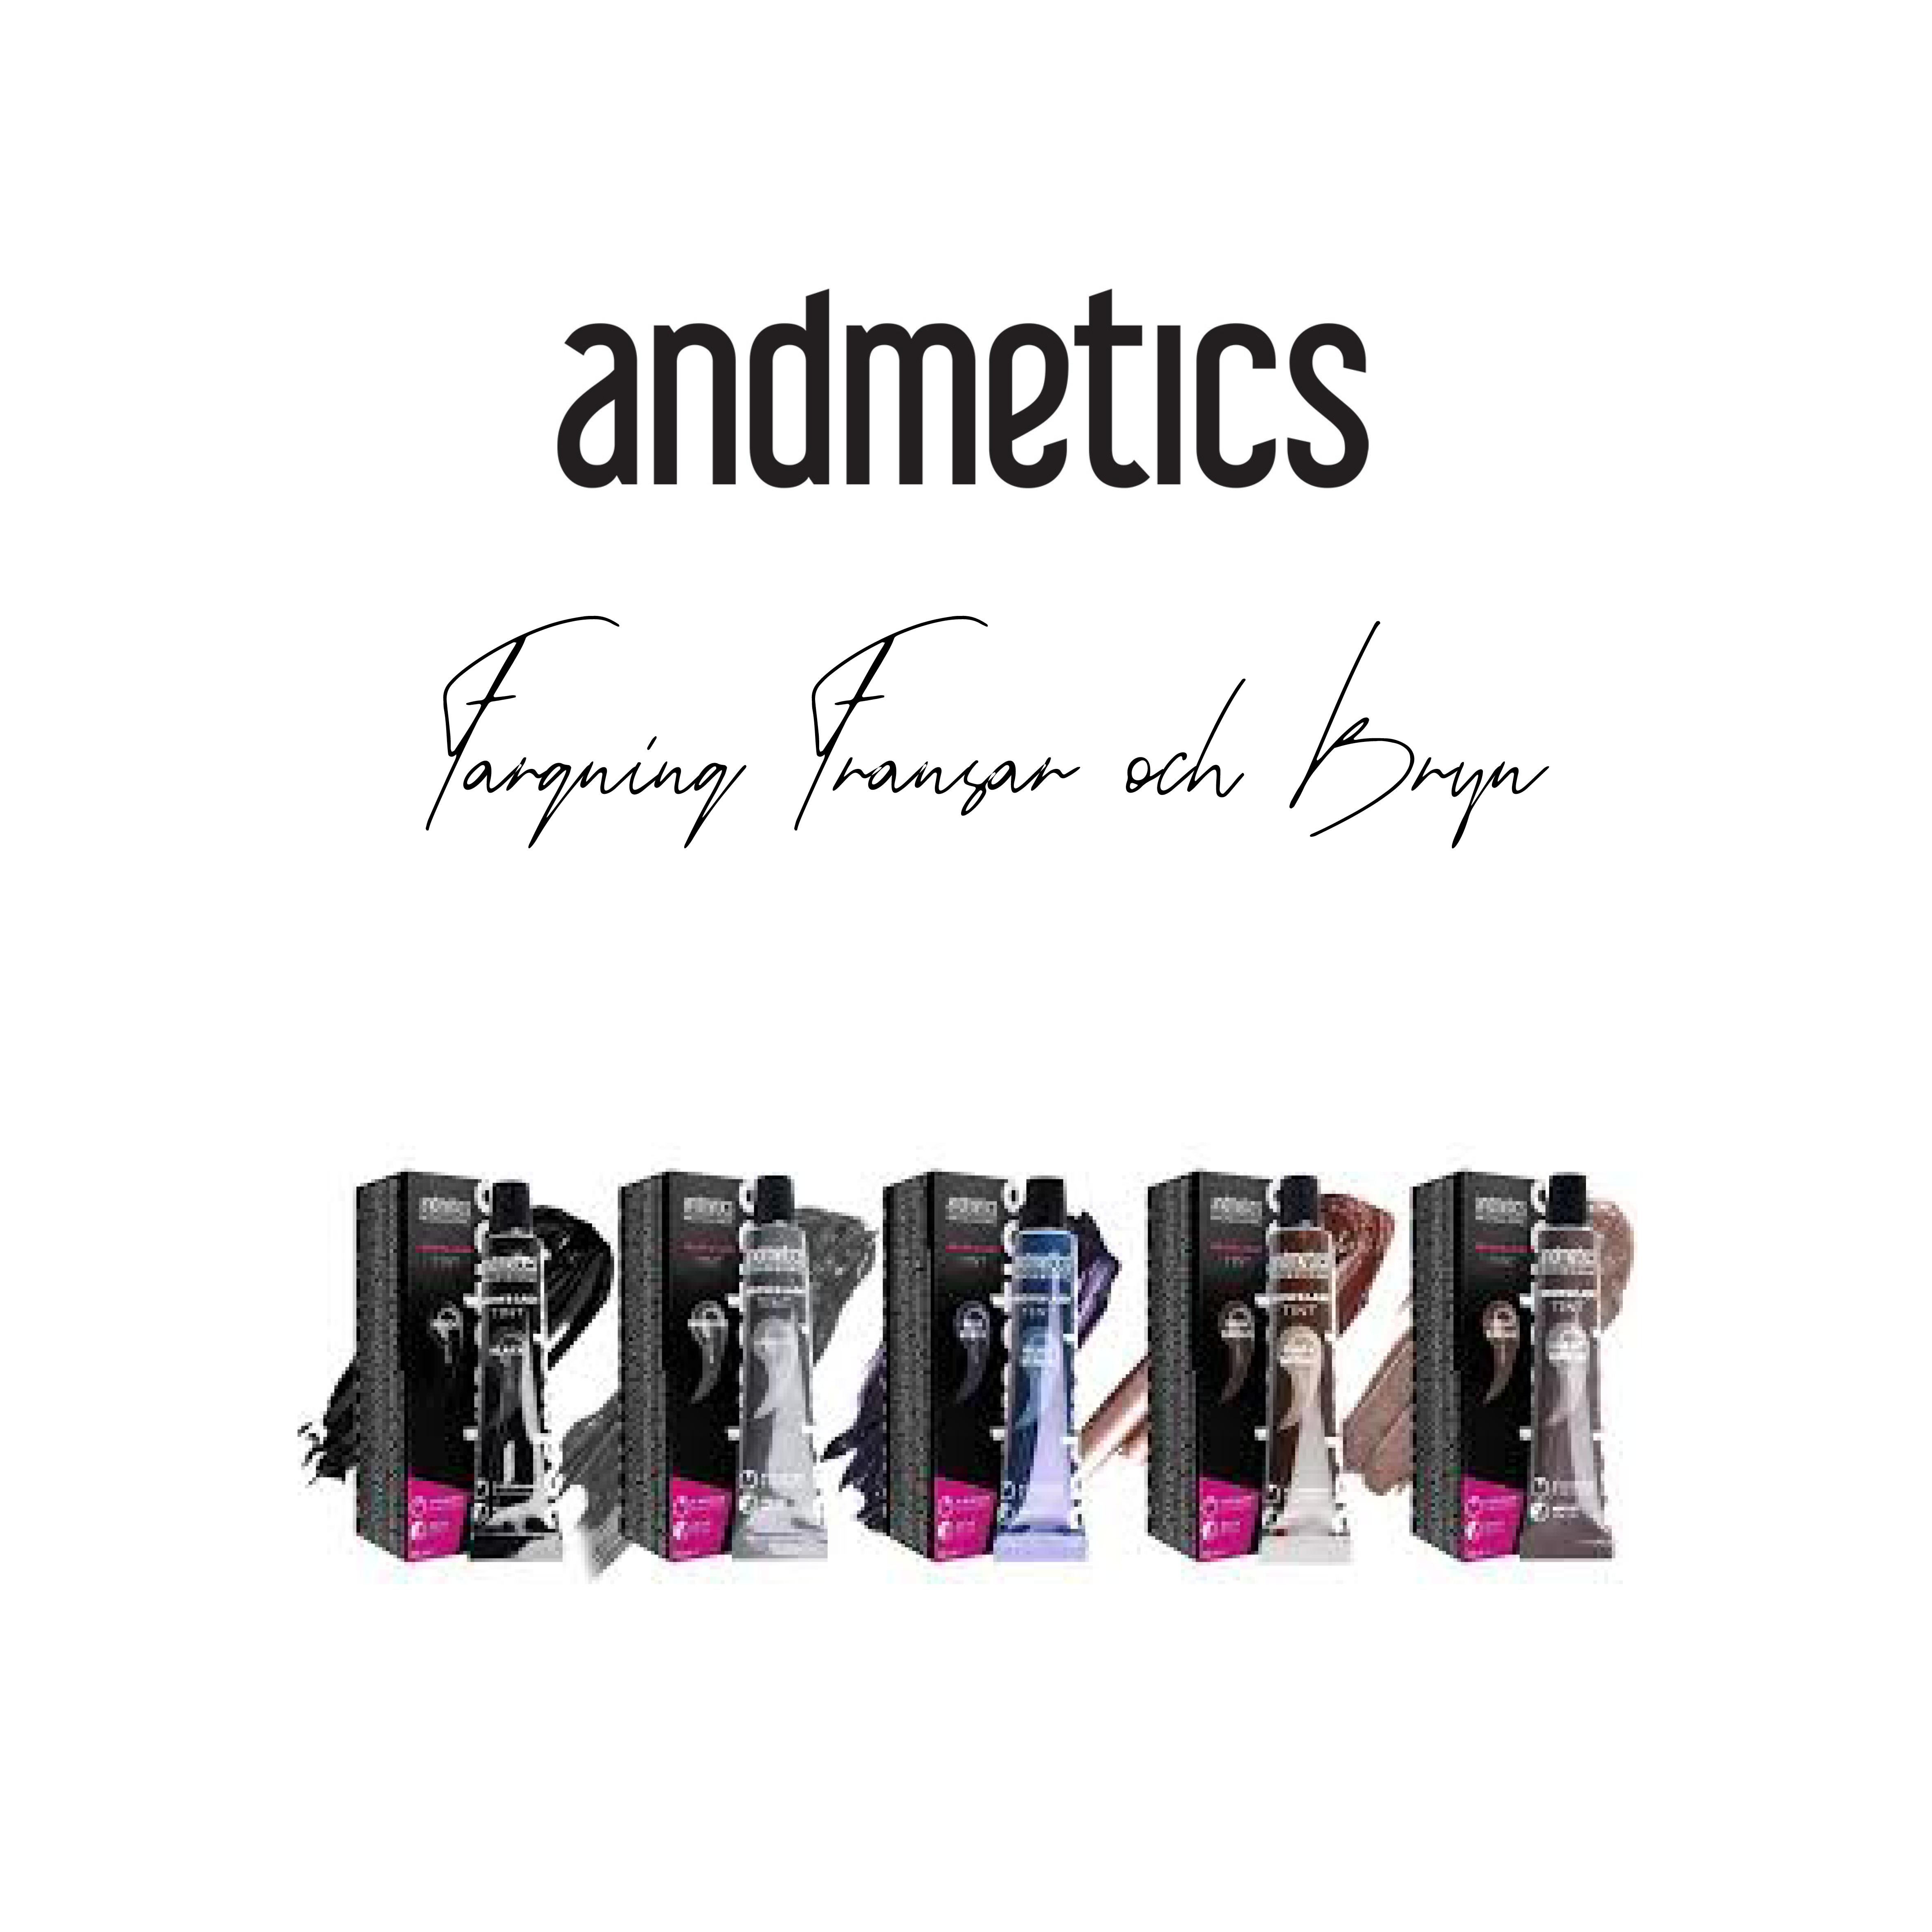 andmetics